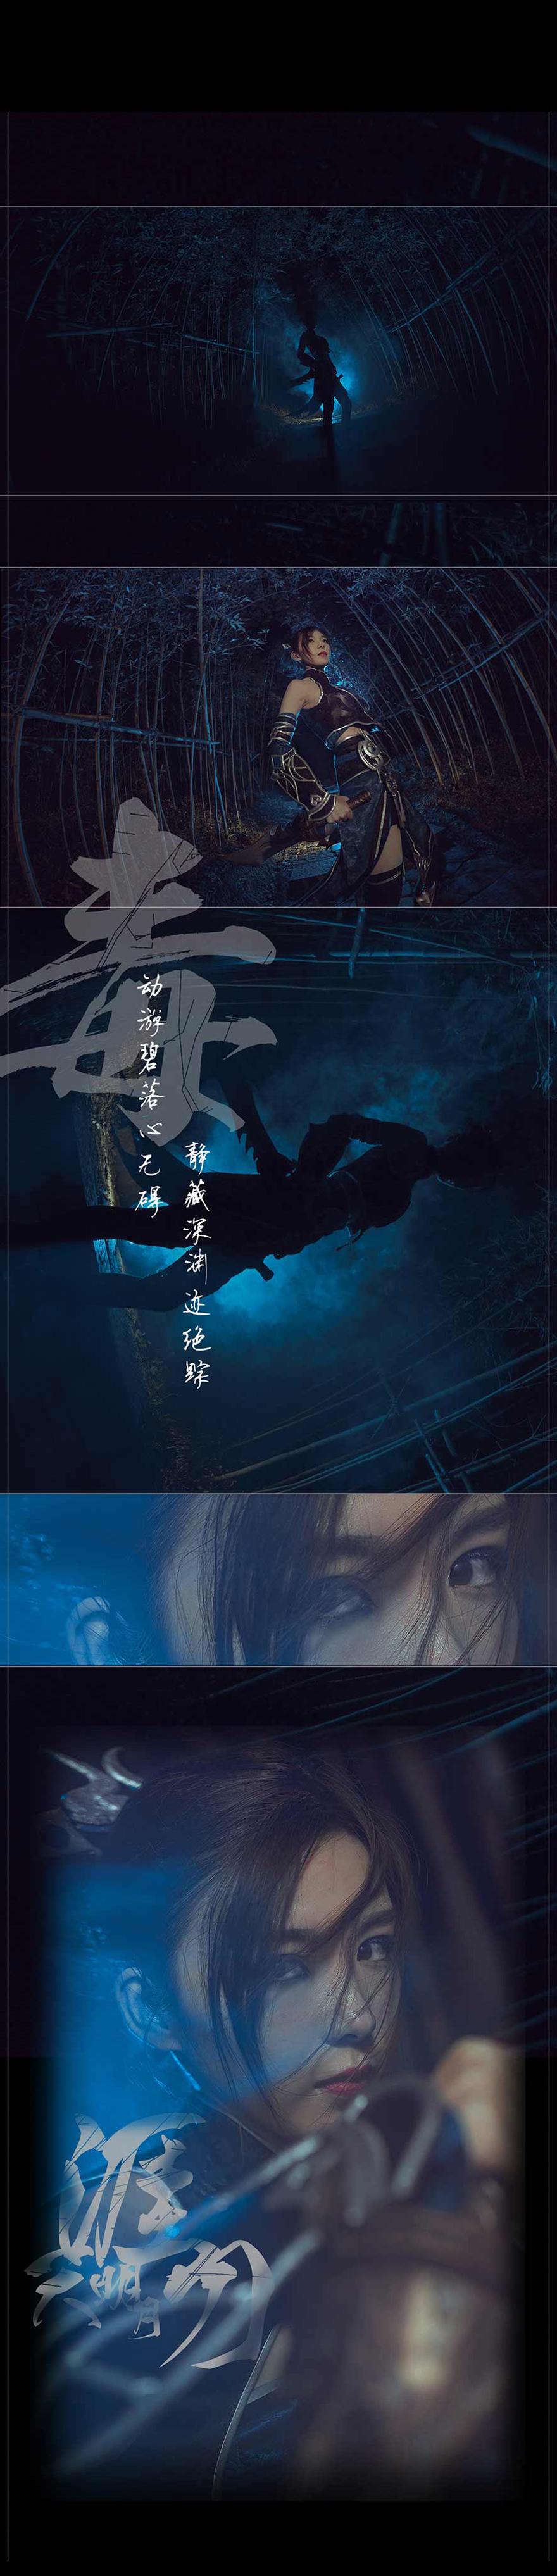 Cosplay Ngũ Độc Thiên Nhai Minh Nguyệt Đao - Ảnh 01